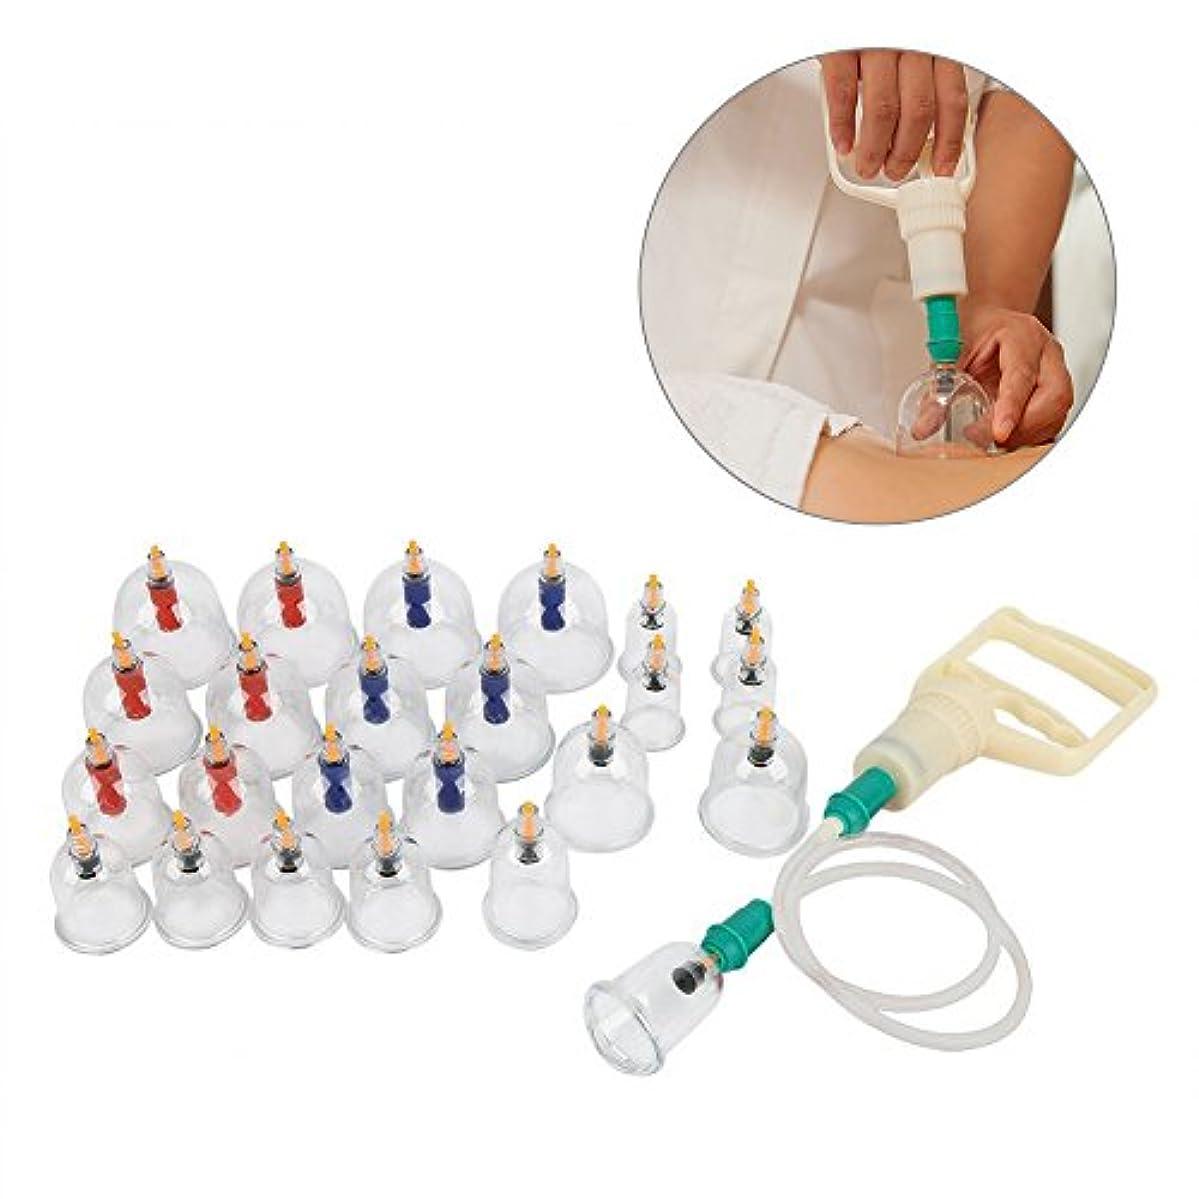 分散後継思春期の24個のU字型カッピング真空マッサージ療法ボディの真空サクションカップ伝統的な中国の医療用真空